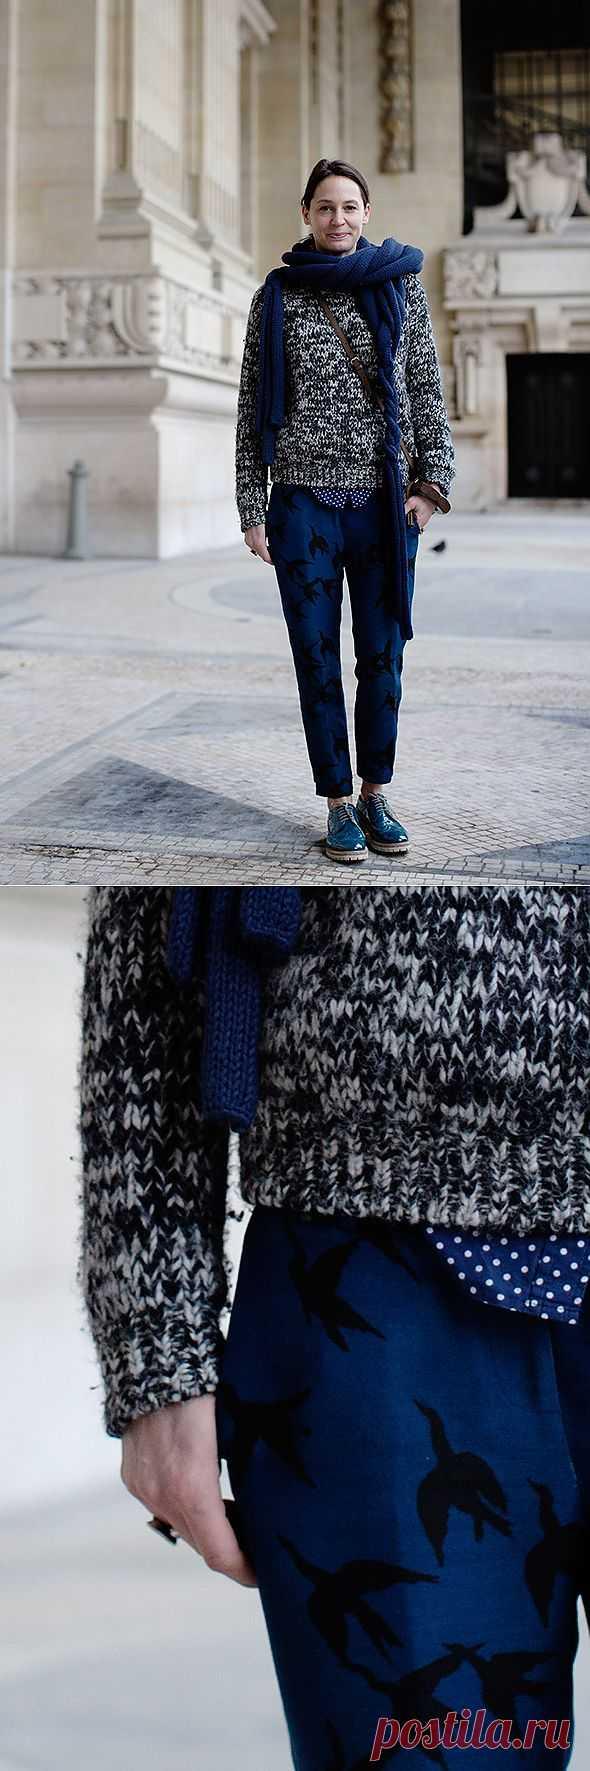 Гуси-лебеди / Рисунки и надписи / Модный сайт о стильной переделке одежды и интерьера